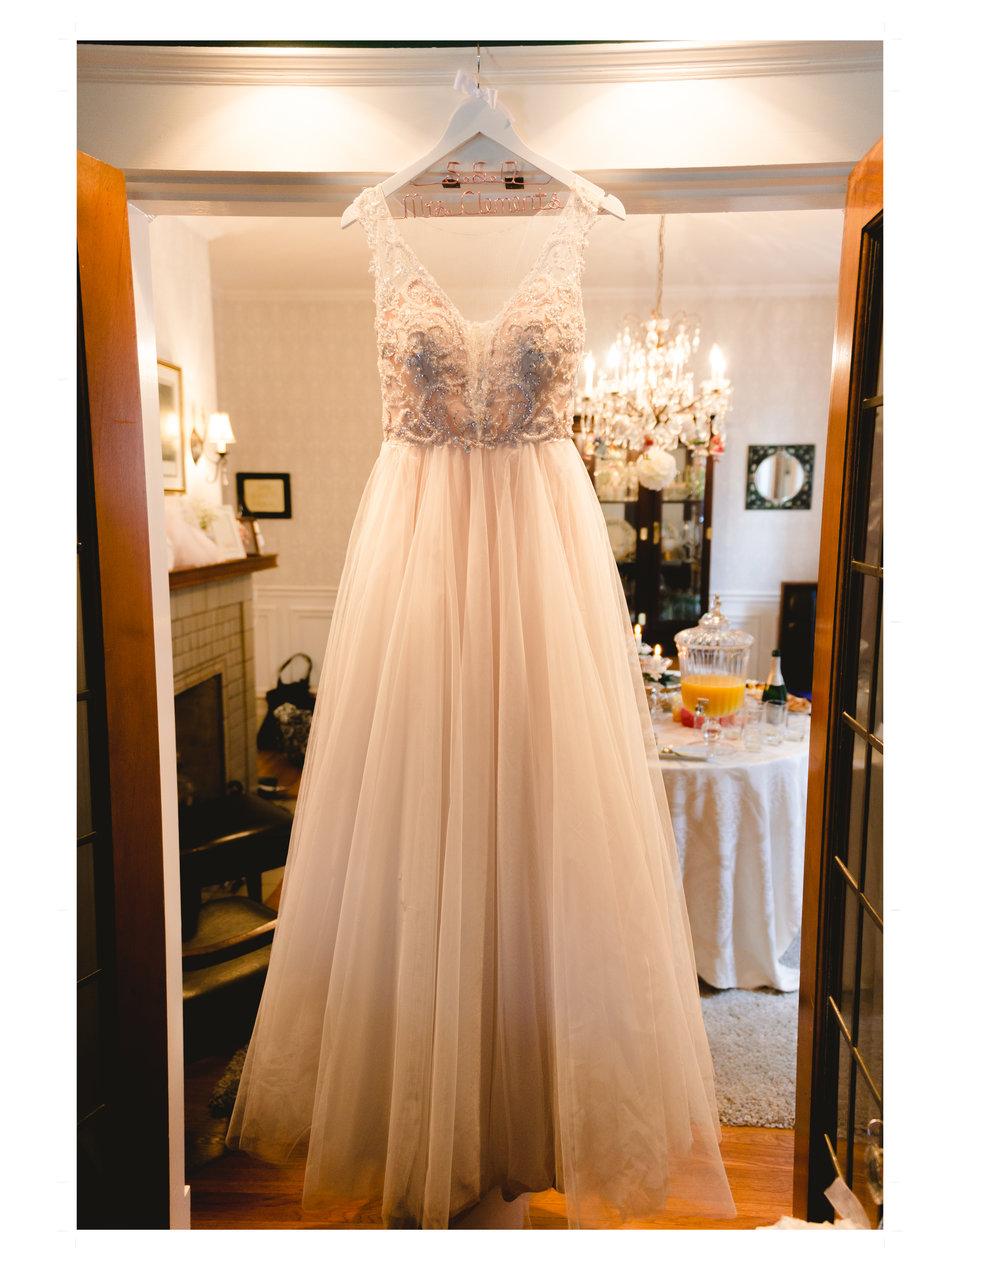 Frame 805 Weddings - Cincinnati Wedding Photographer